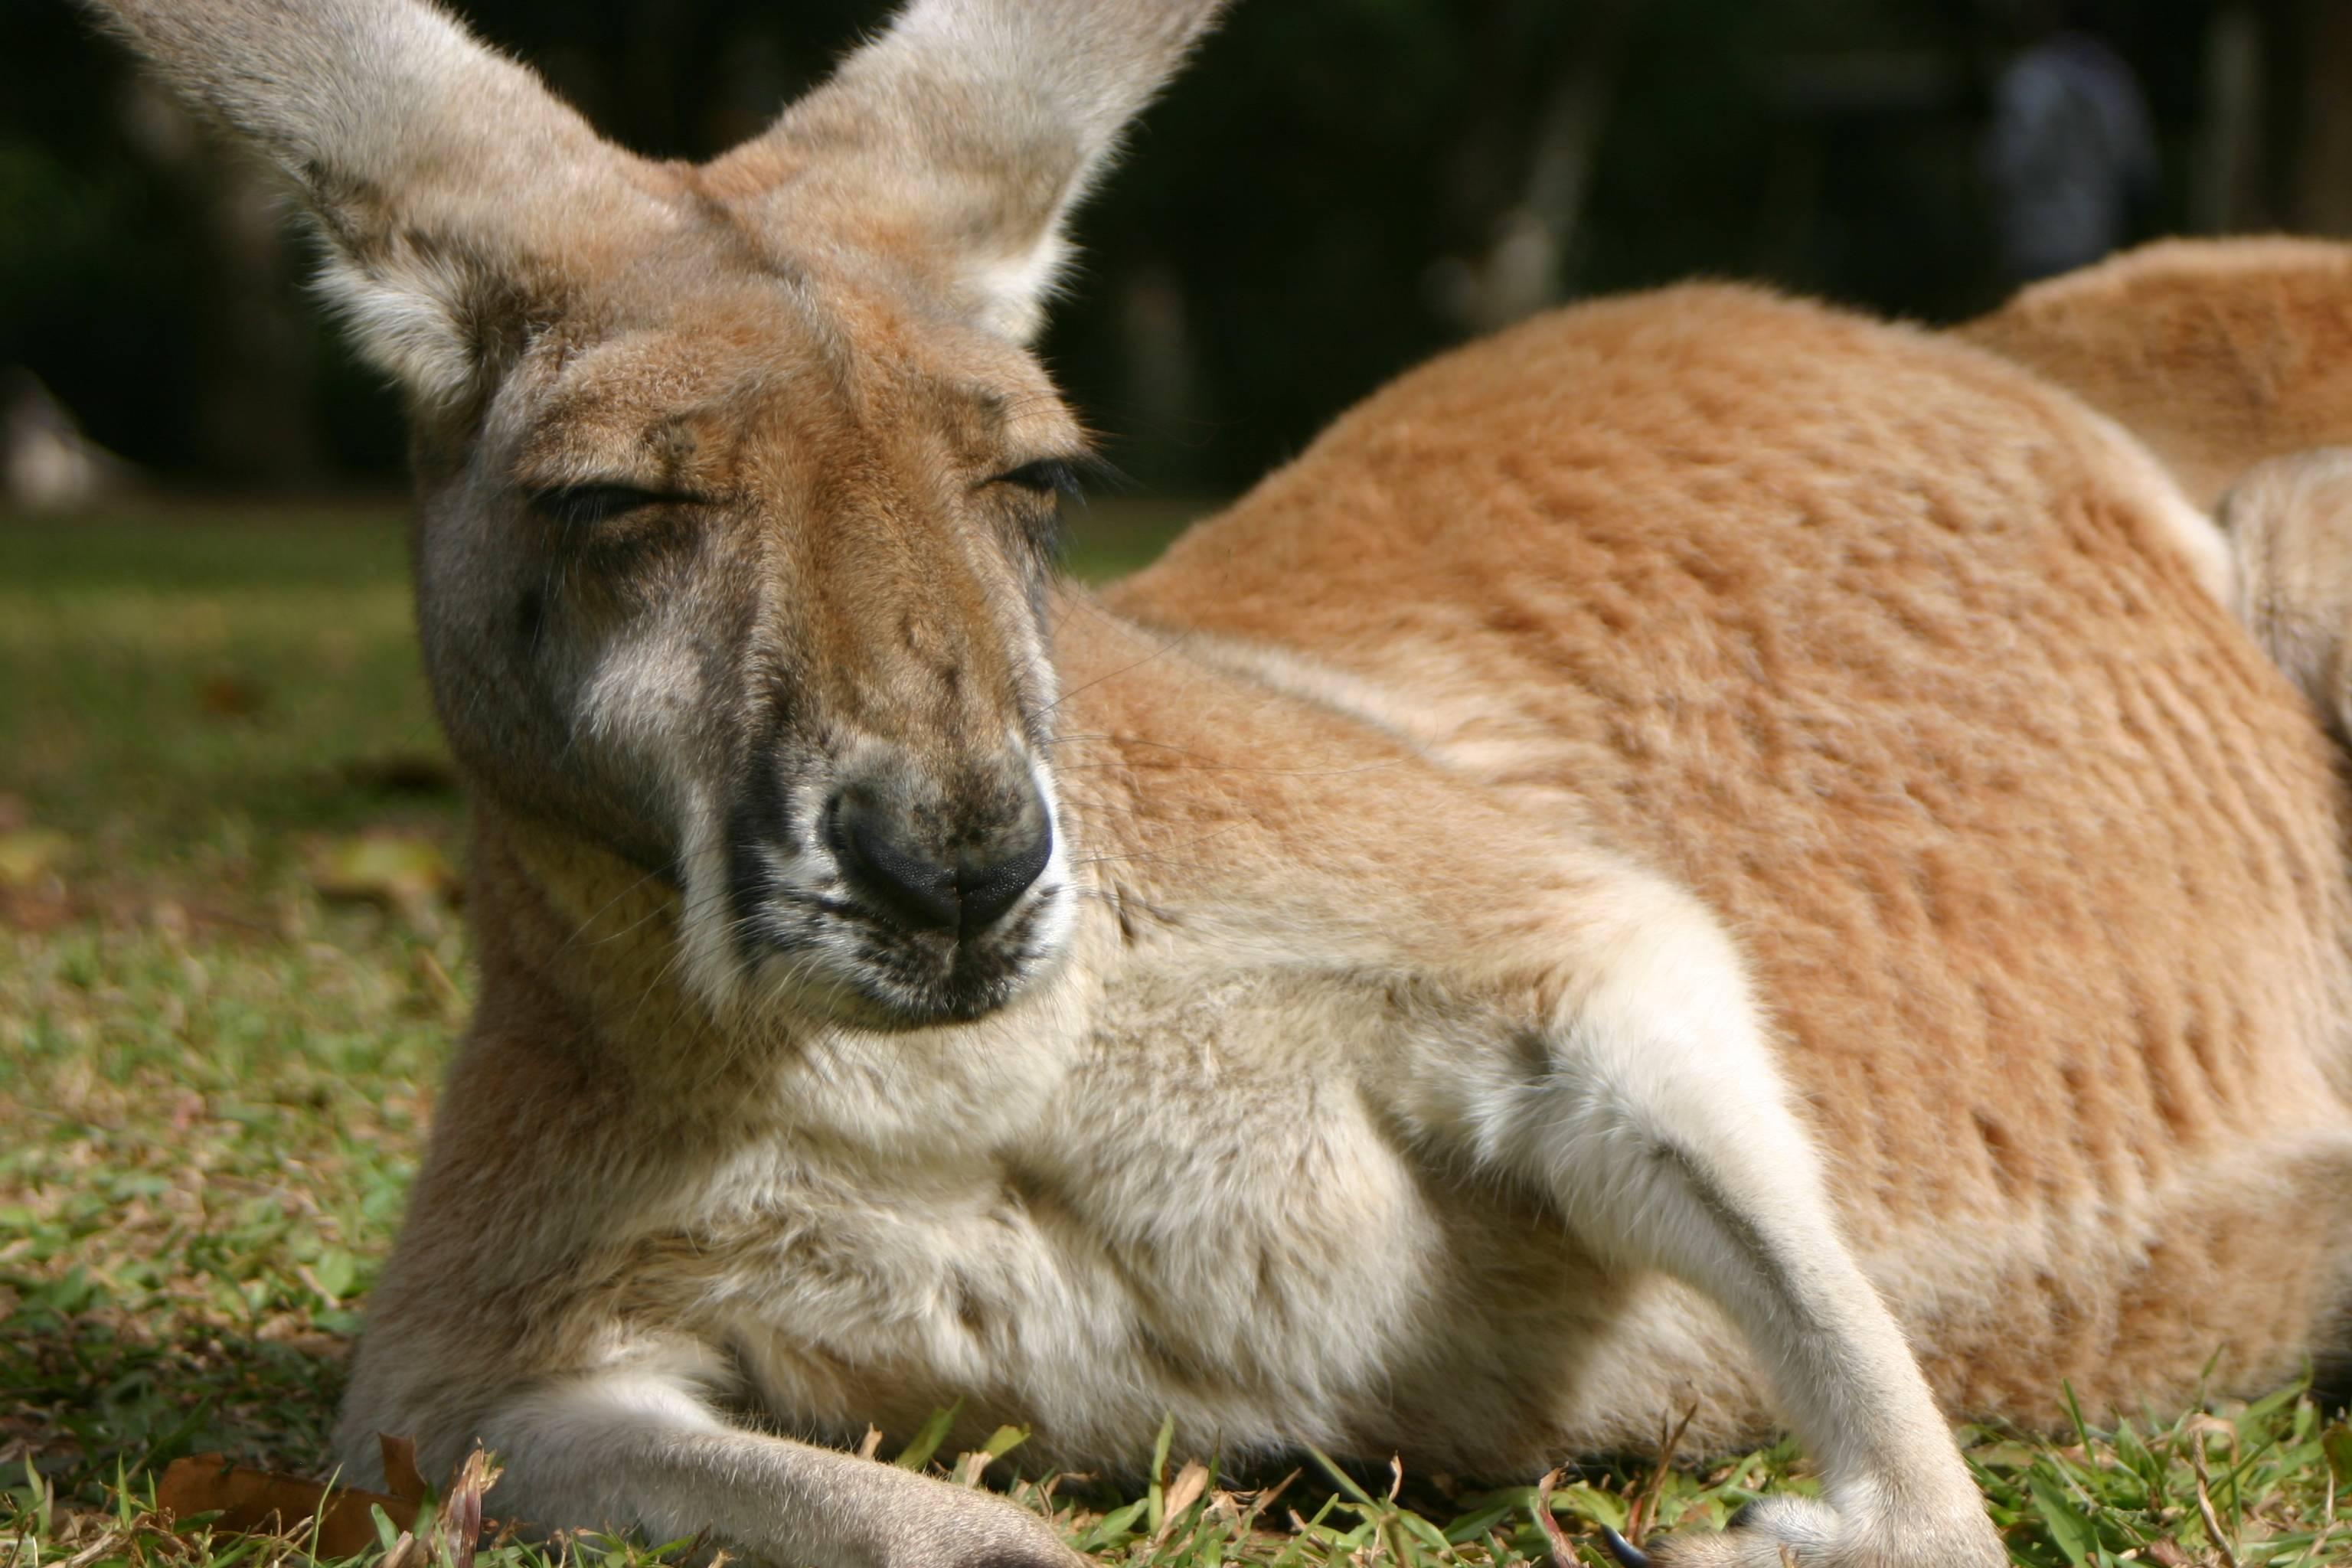 Pin Kangaroo Wallpaper on Pinterest